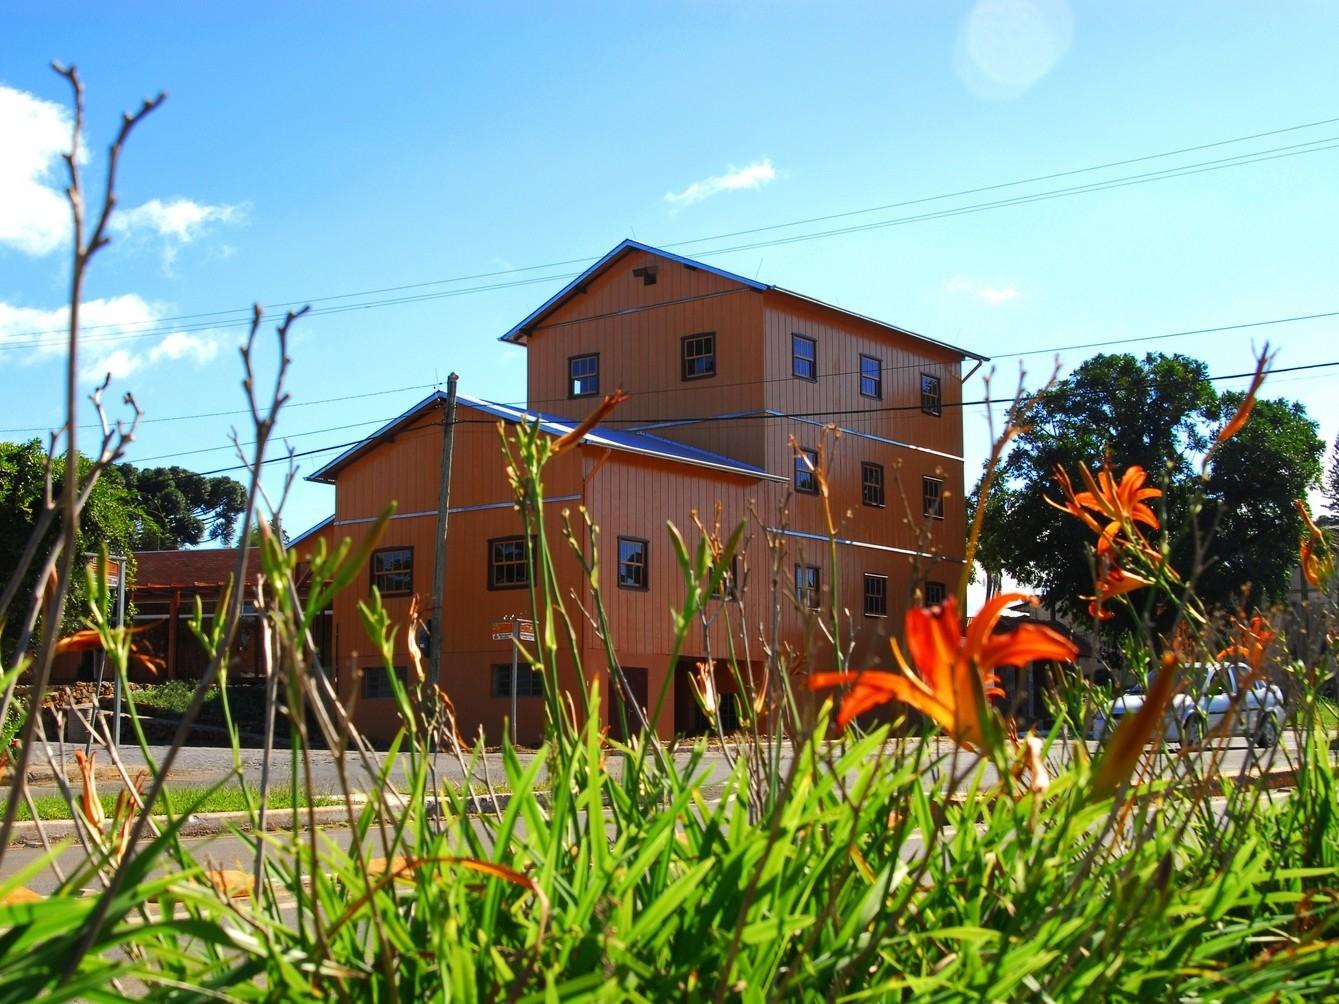 Foto de capa da notícia: Atrativos turísticos e espaços públicos recebem manutenção em Nova Petrópolis